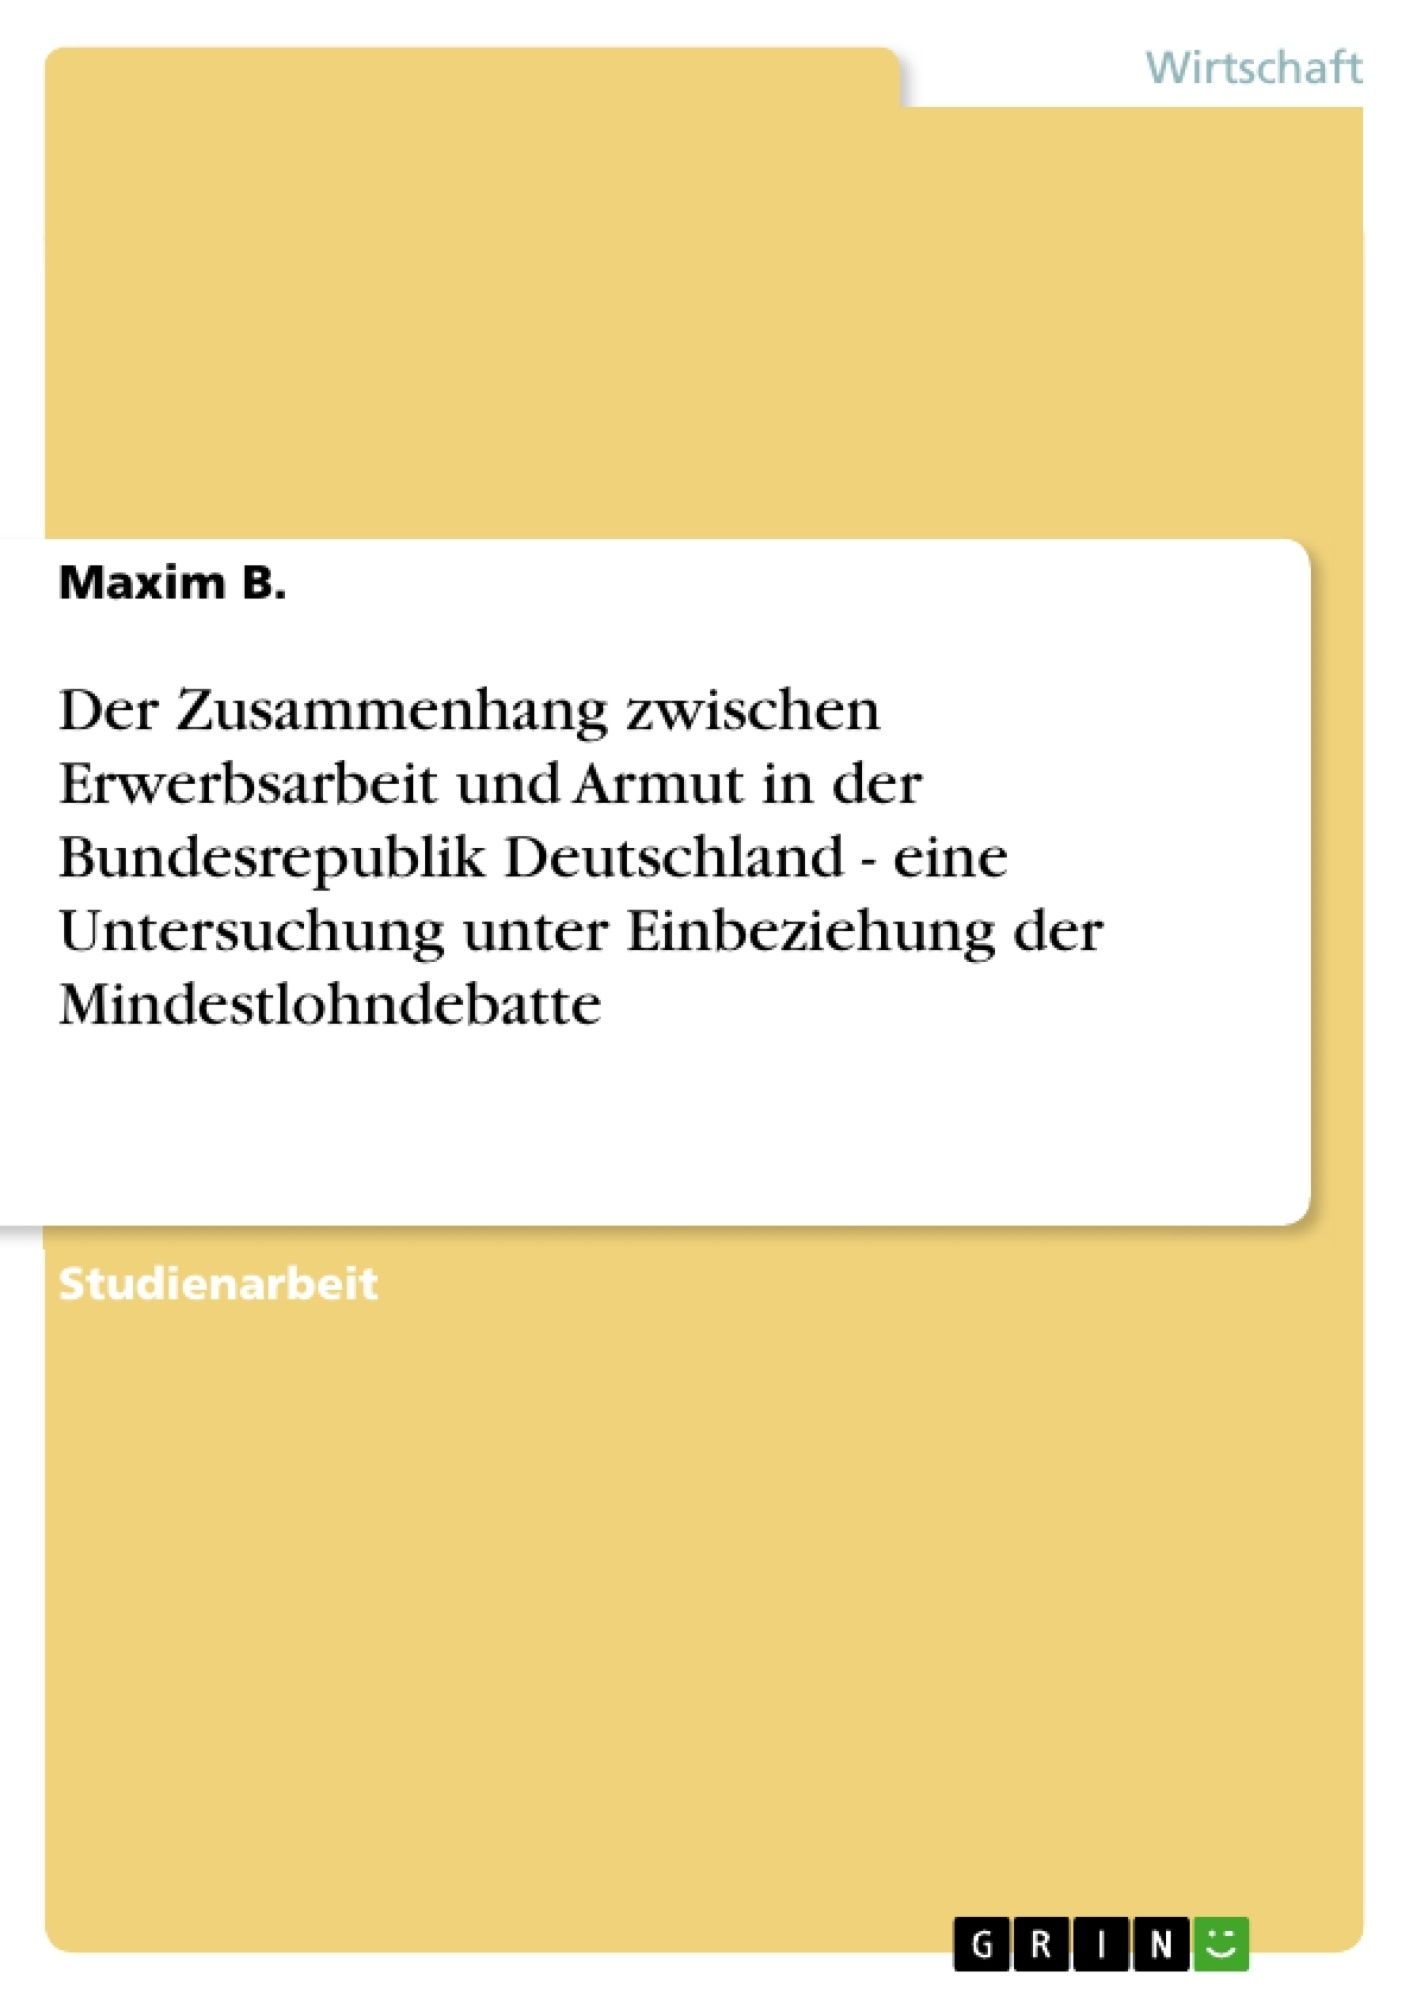 Titel: Der Zusammenhang zwischen Erwerbsarbeit und Armut in der Bundesrepublik Deutschland - eine Untersuchung unter Einbeziehung der Mindestlohndebatte